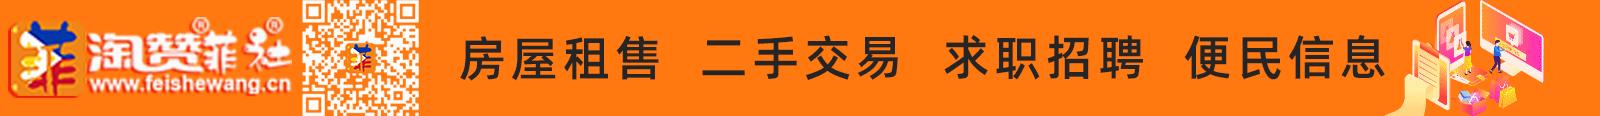 广告合作联系站长QQ:251764113